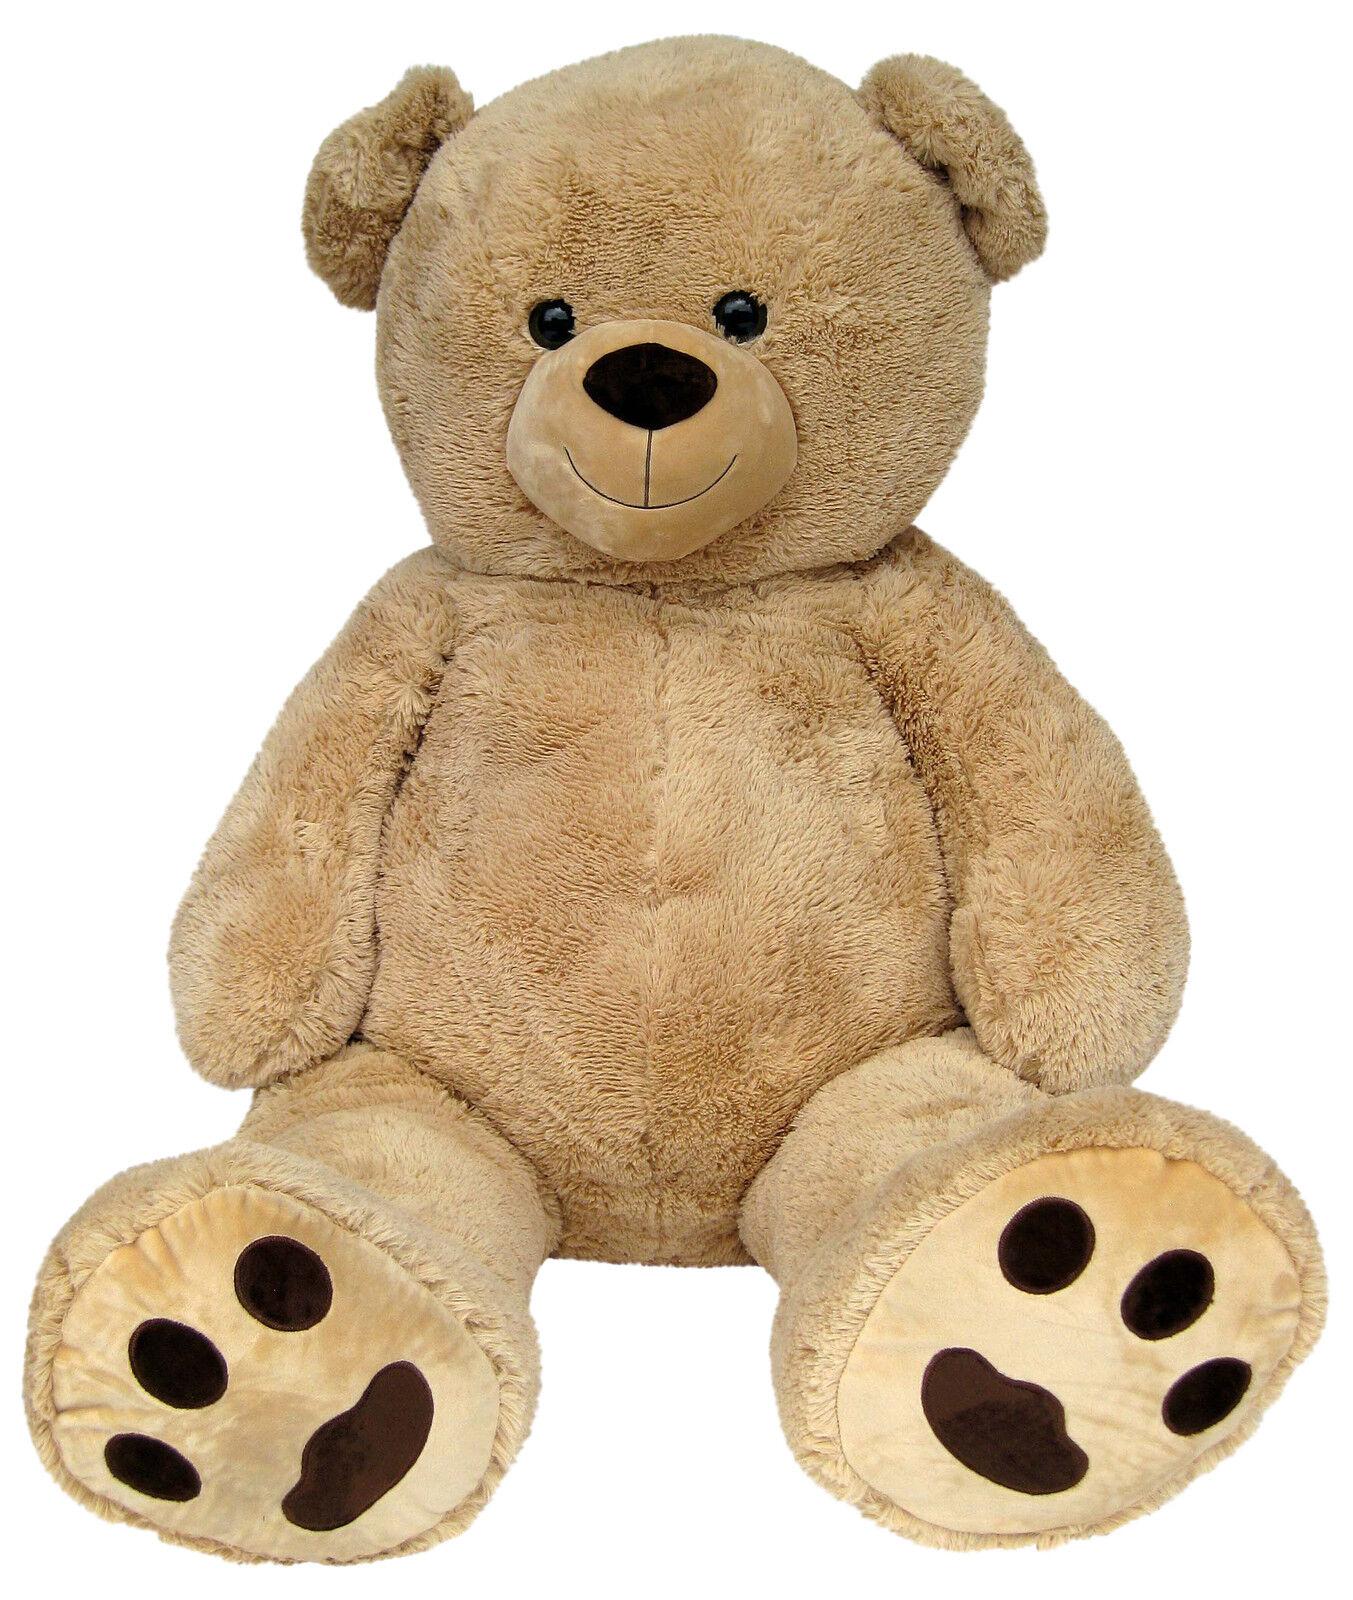 xxl teddyb r 170cm gross beige pl sch b r teddy stoffb r pl sch tier kuscheltier eur 89 95. Black Bedroom Furniture Sets. Home Design Ideas